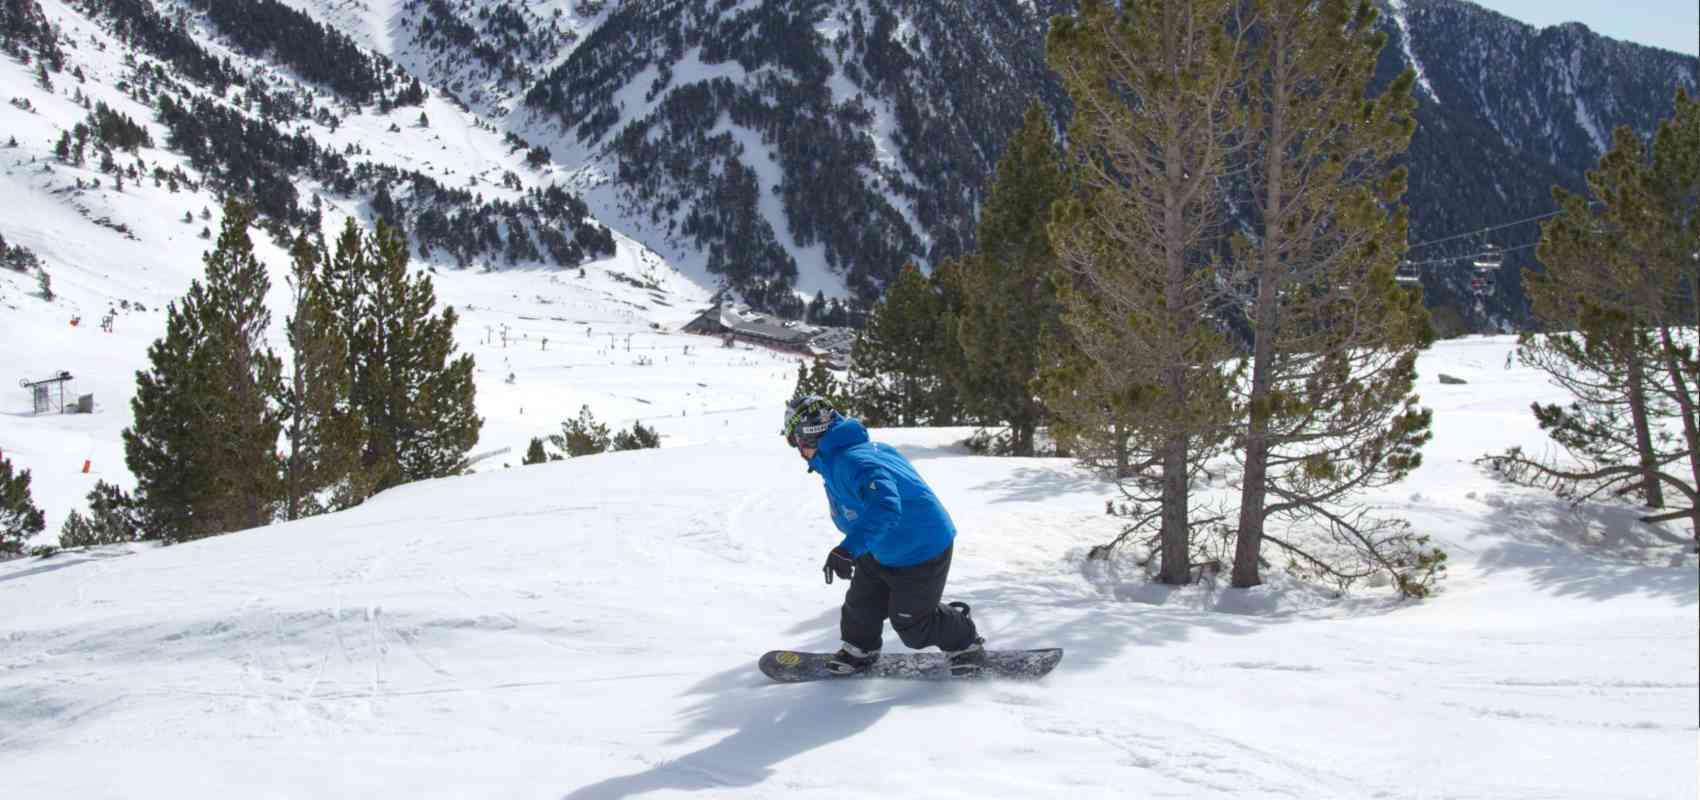 snow-vallter-1jpg